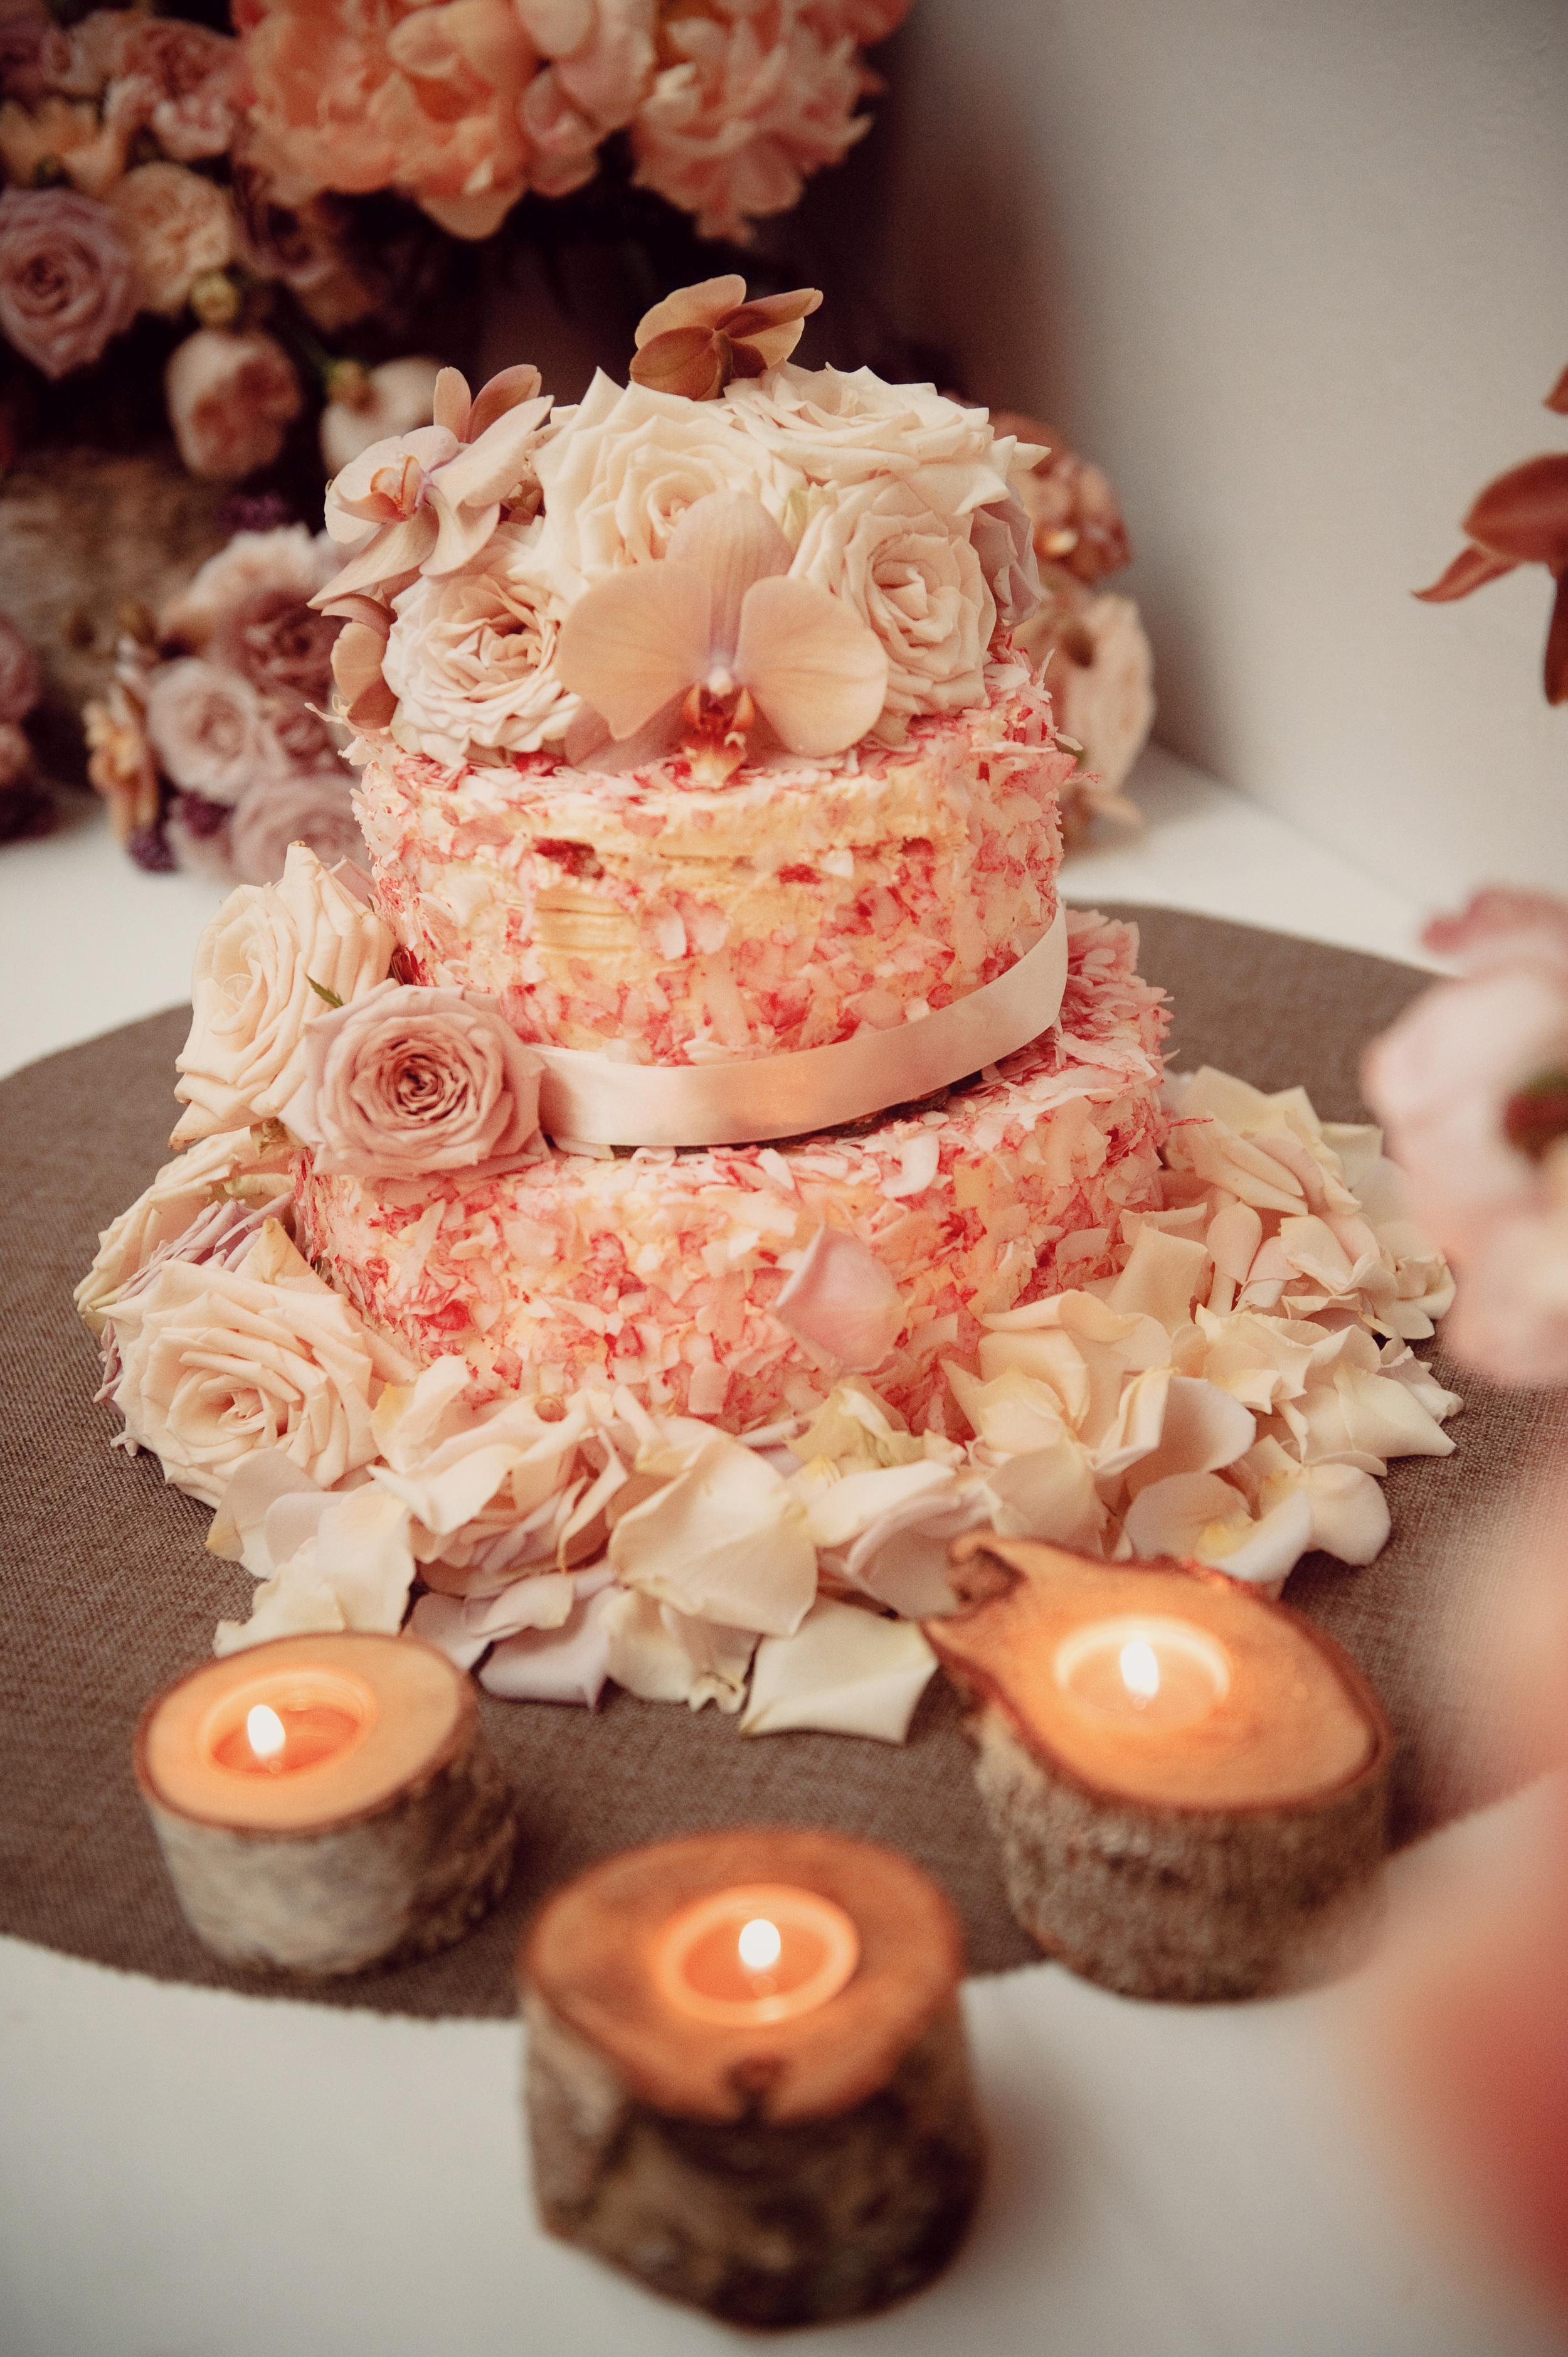 euroa_butter_factory_wedding_photography_88.jpg